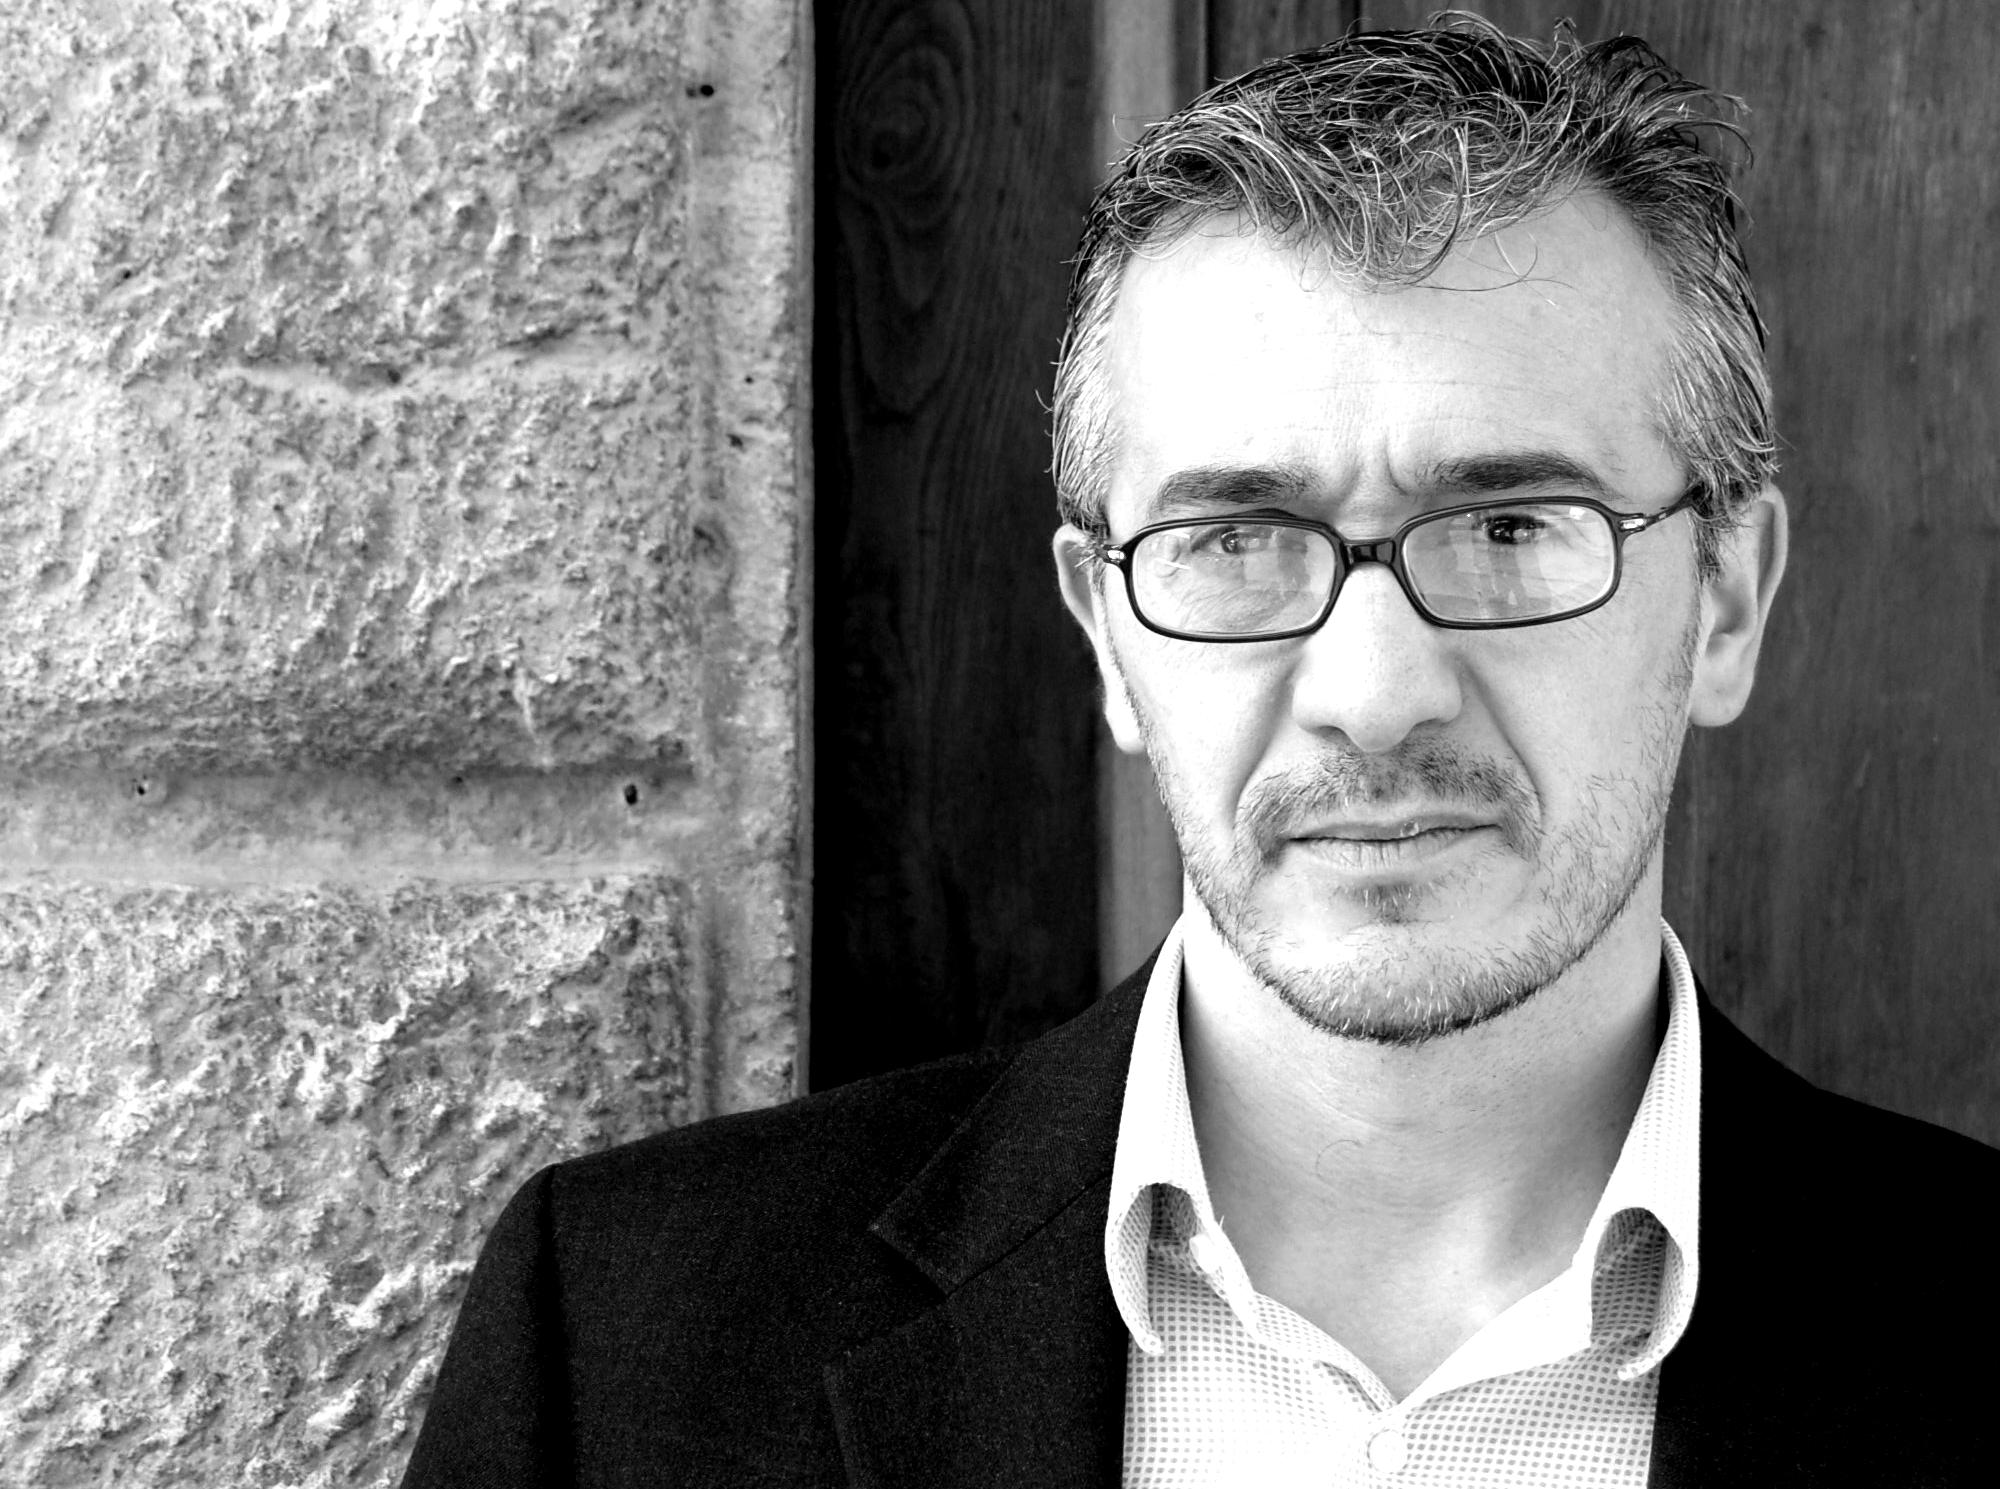 Dott. Ing. Cristiano Morini